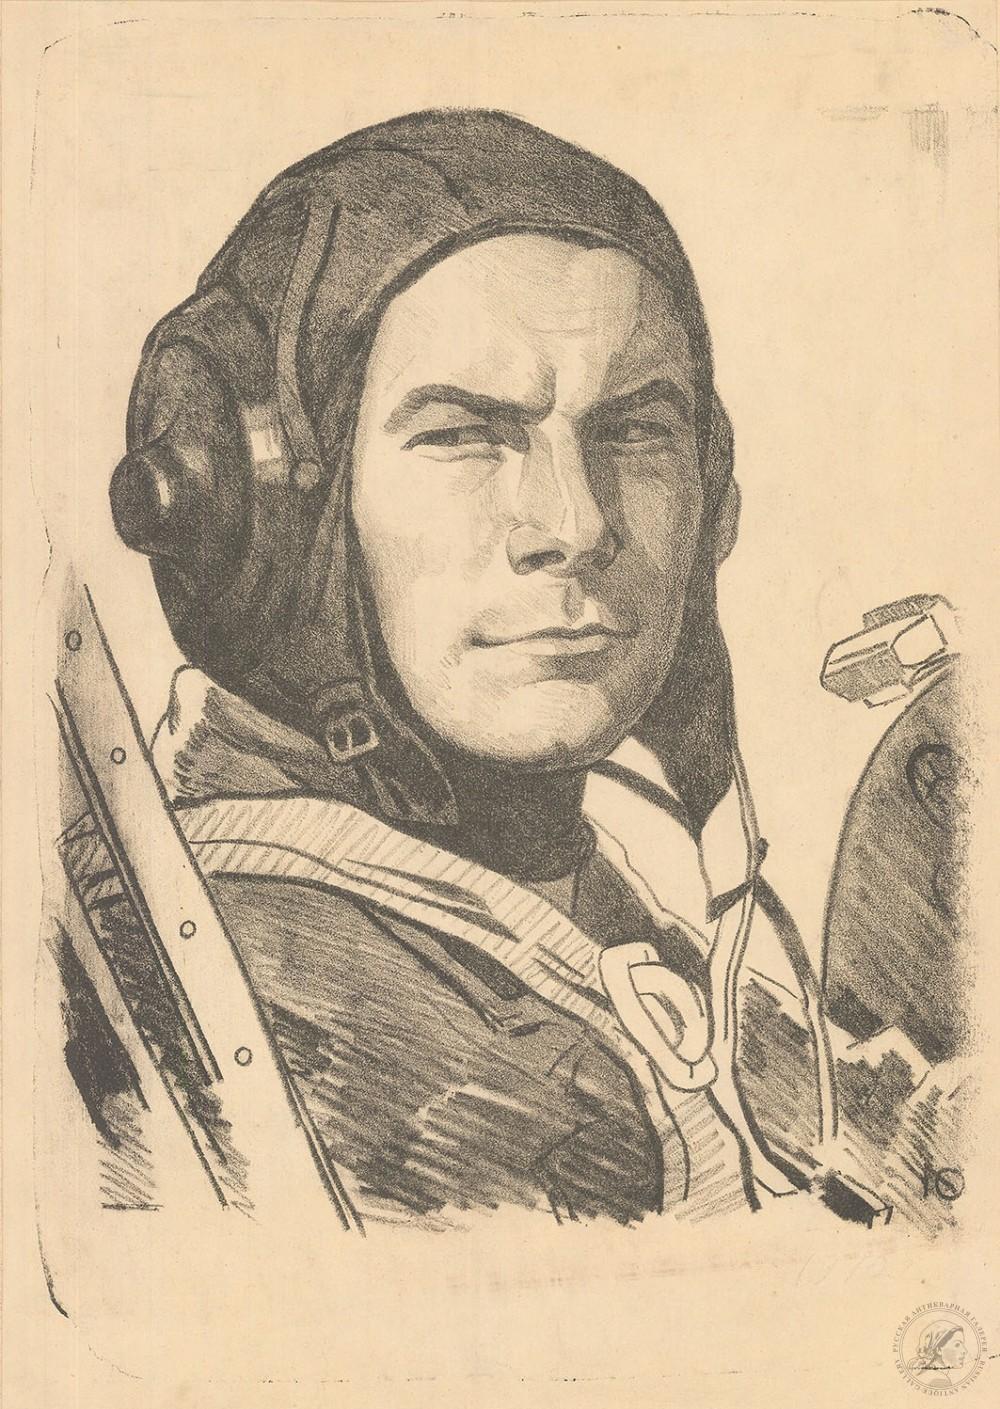 Литография «Портрет экс-чемпиона мира по высшему пилотажу В. Почернина»